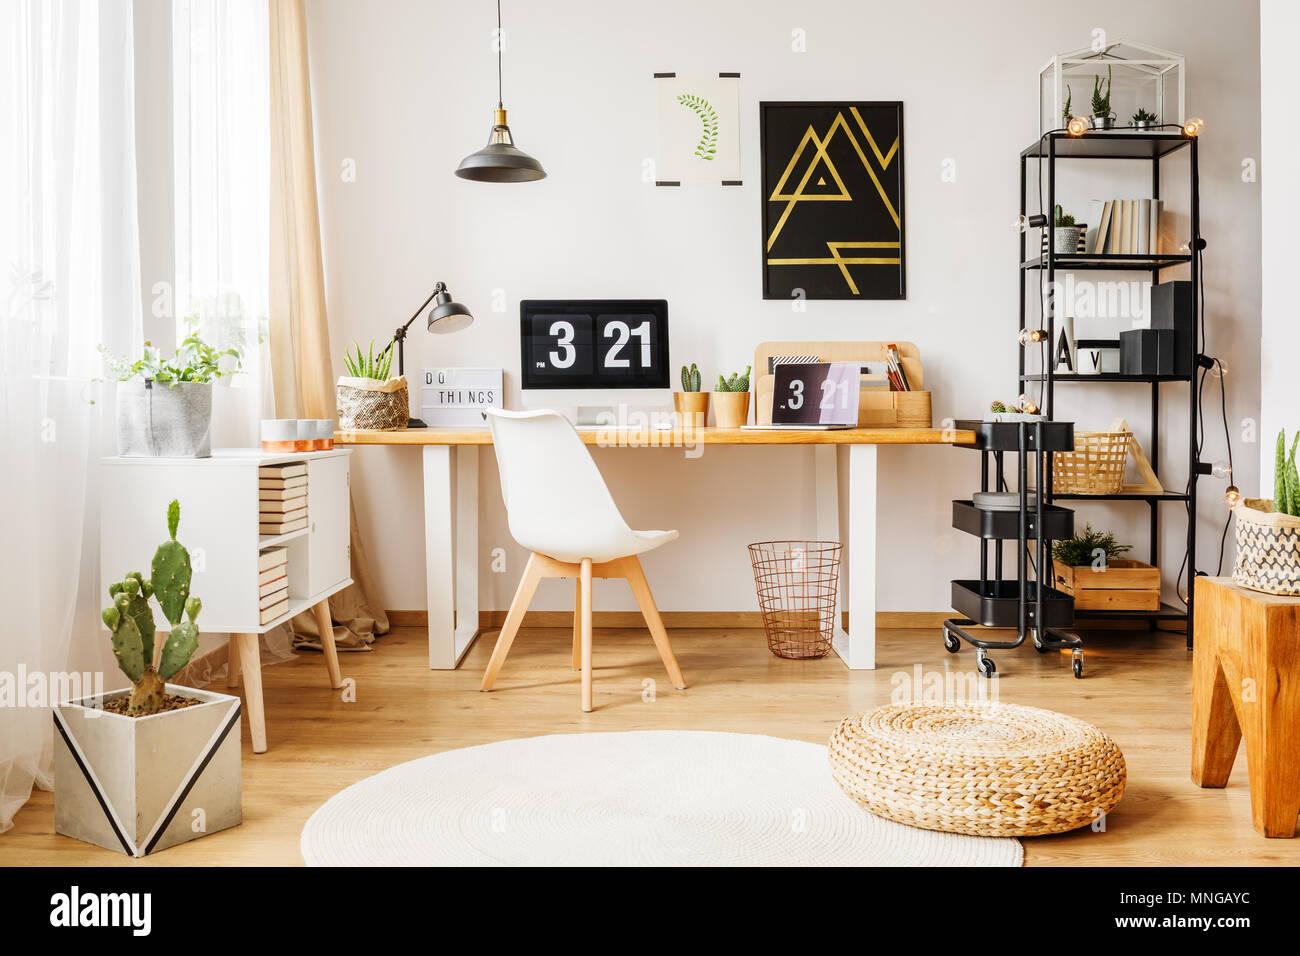 Skandinavische zimmer in einem modernen loft mit minimalistischen